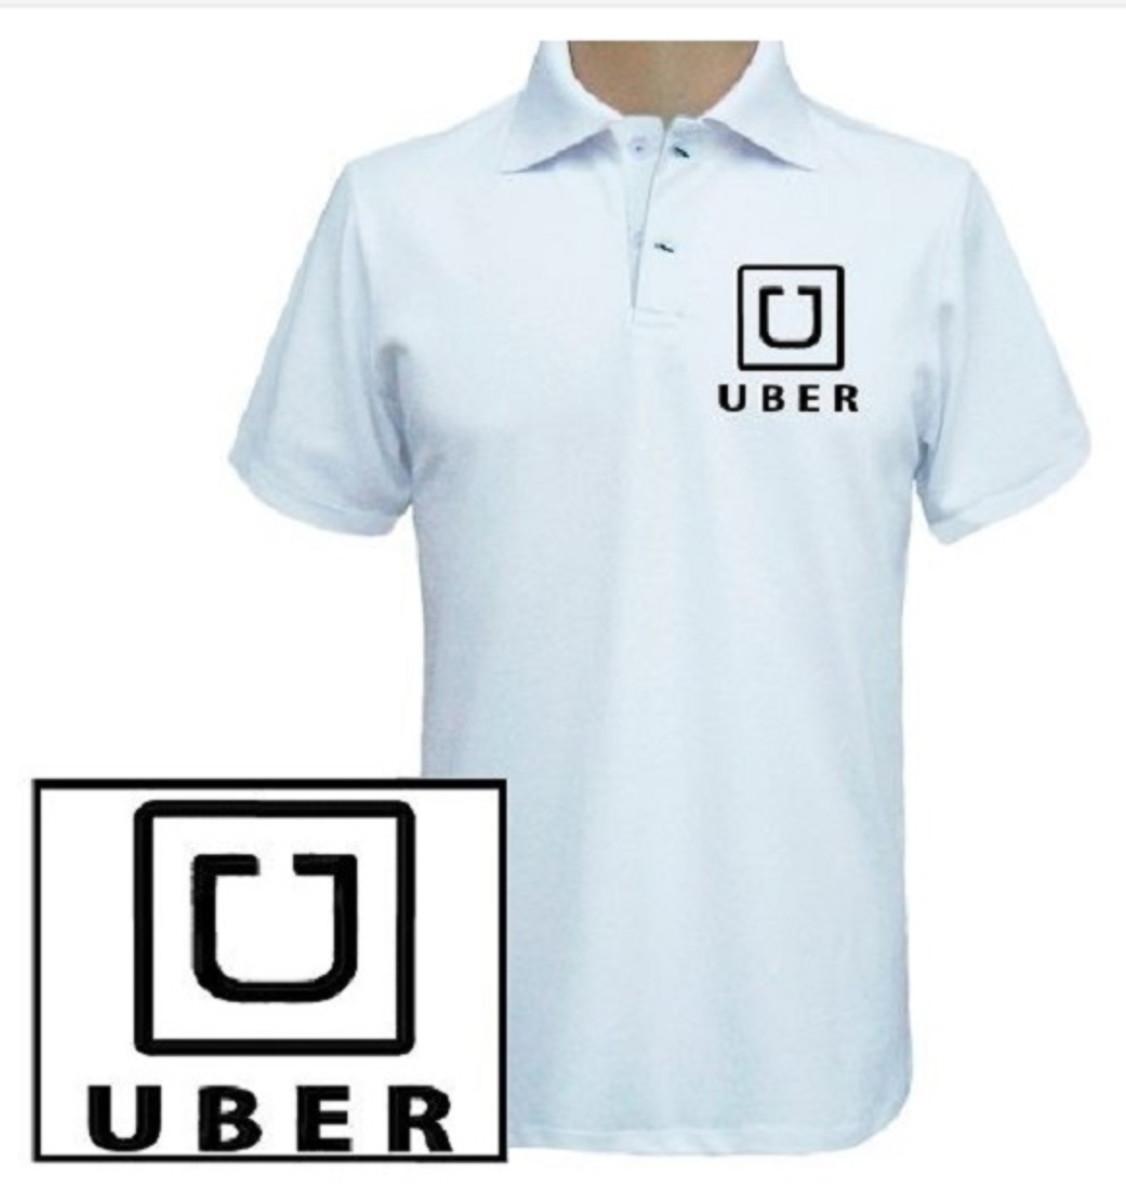 91fe55ae9be Camisa polo estilo uniforme para uber ou 99pop